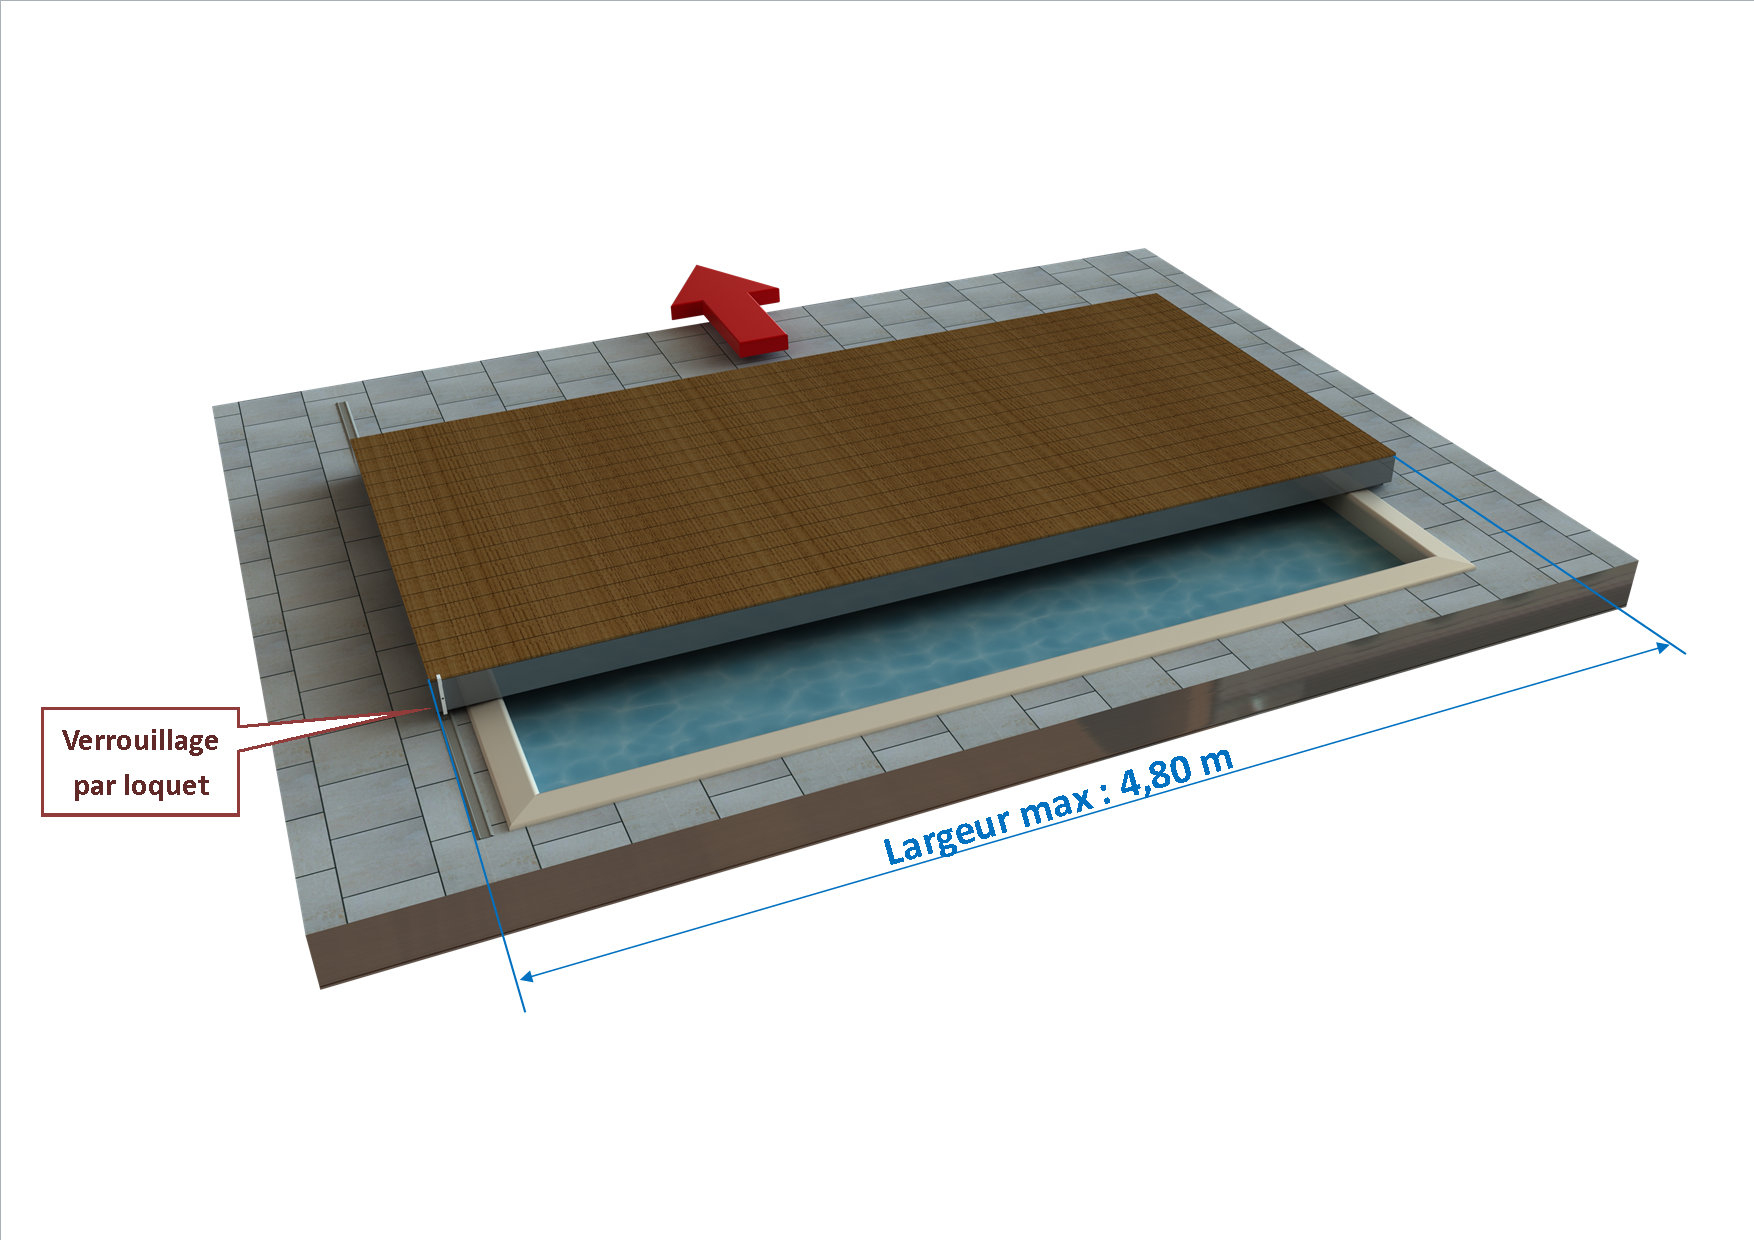 Zoom Produit : Terrasse Mobile Stilys - Ec'creation destiné Fabriquer Une Terrasse Mobile Pour Piscine